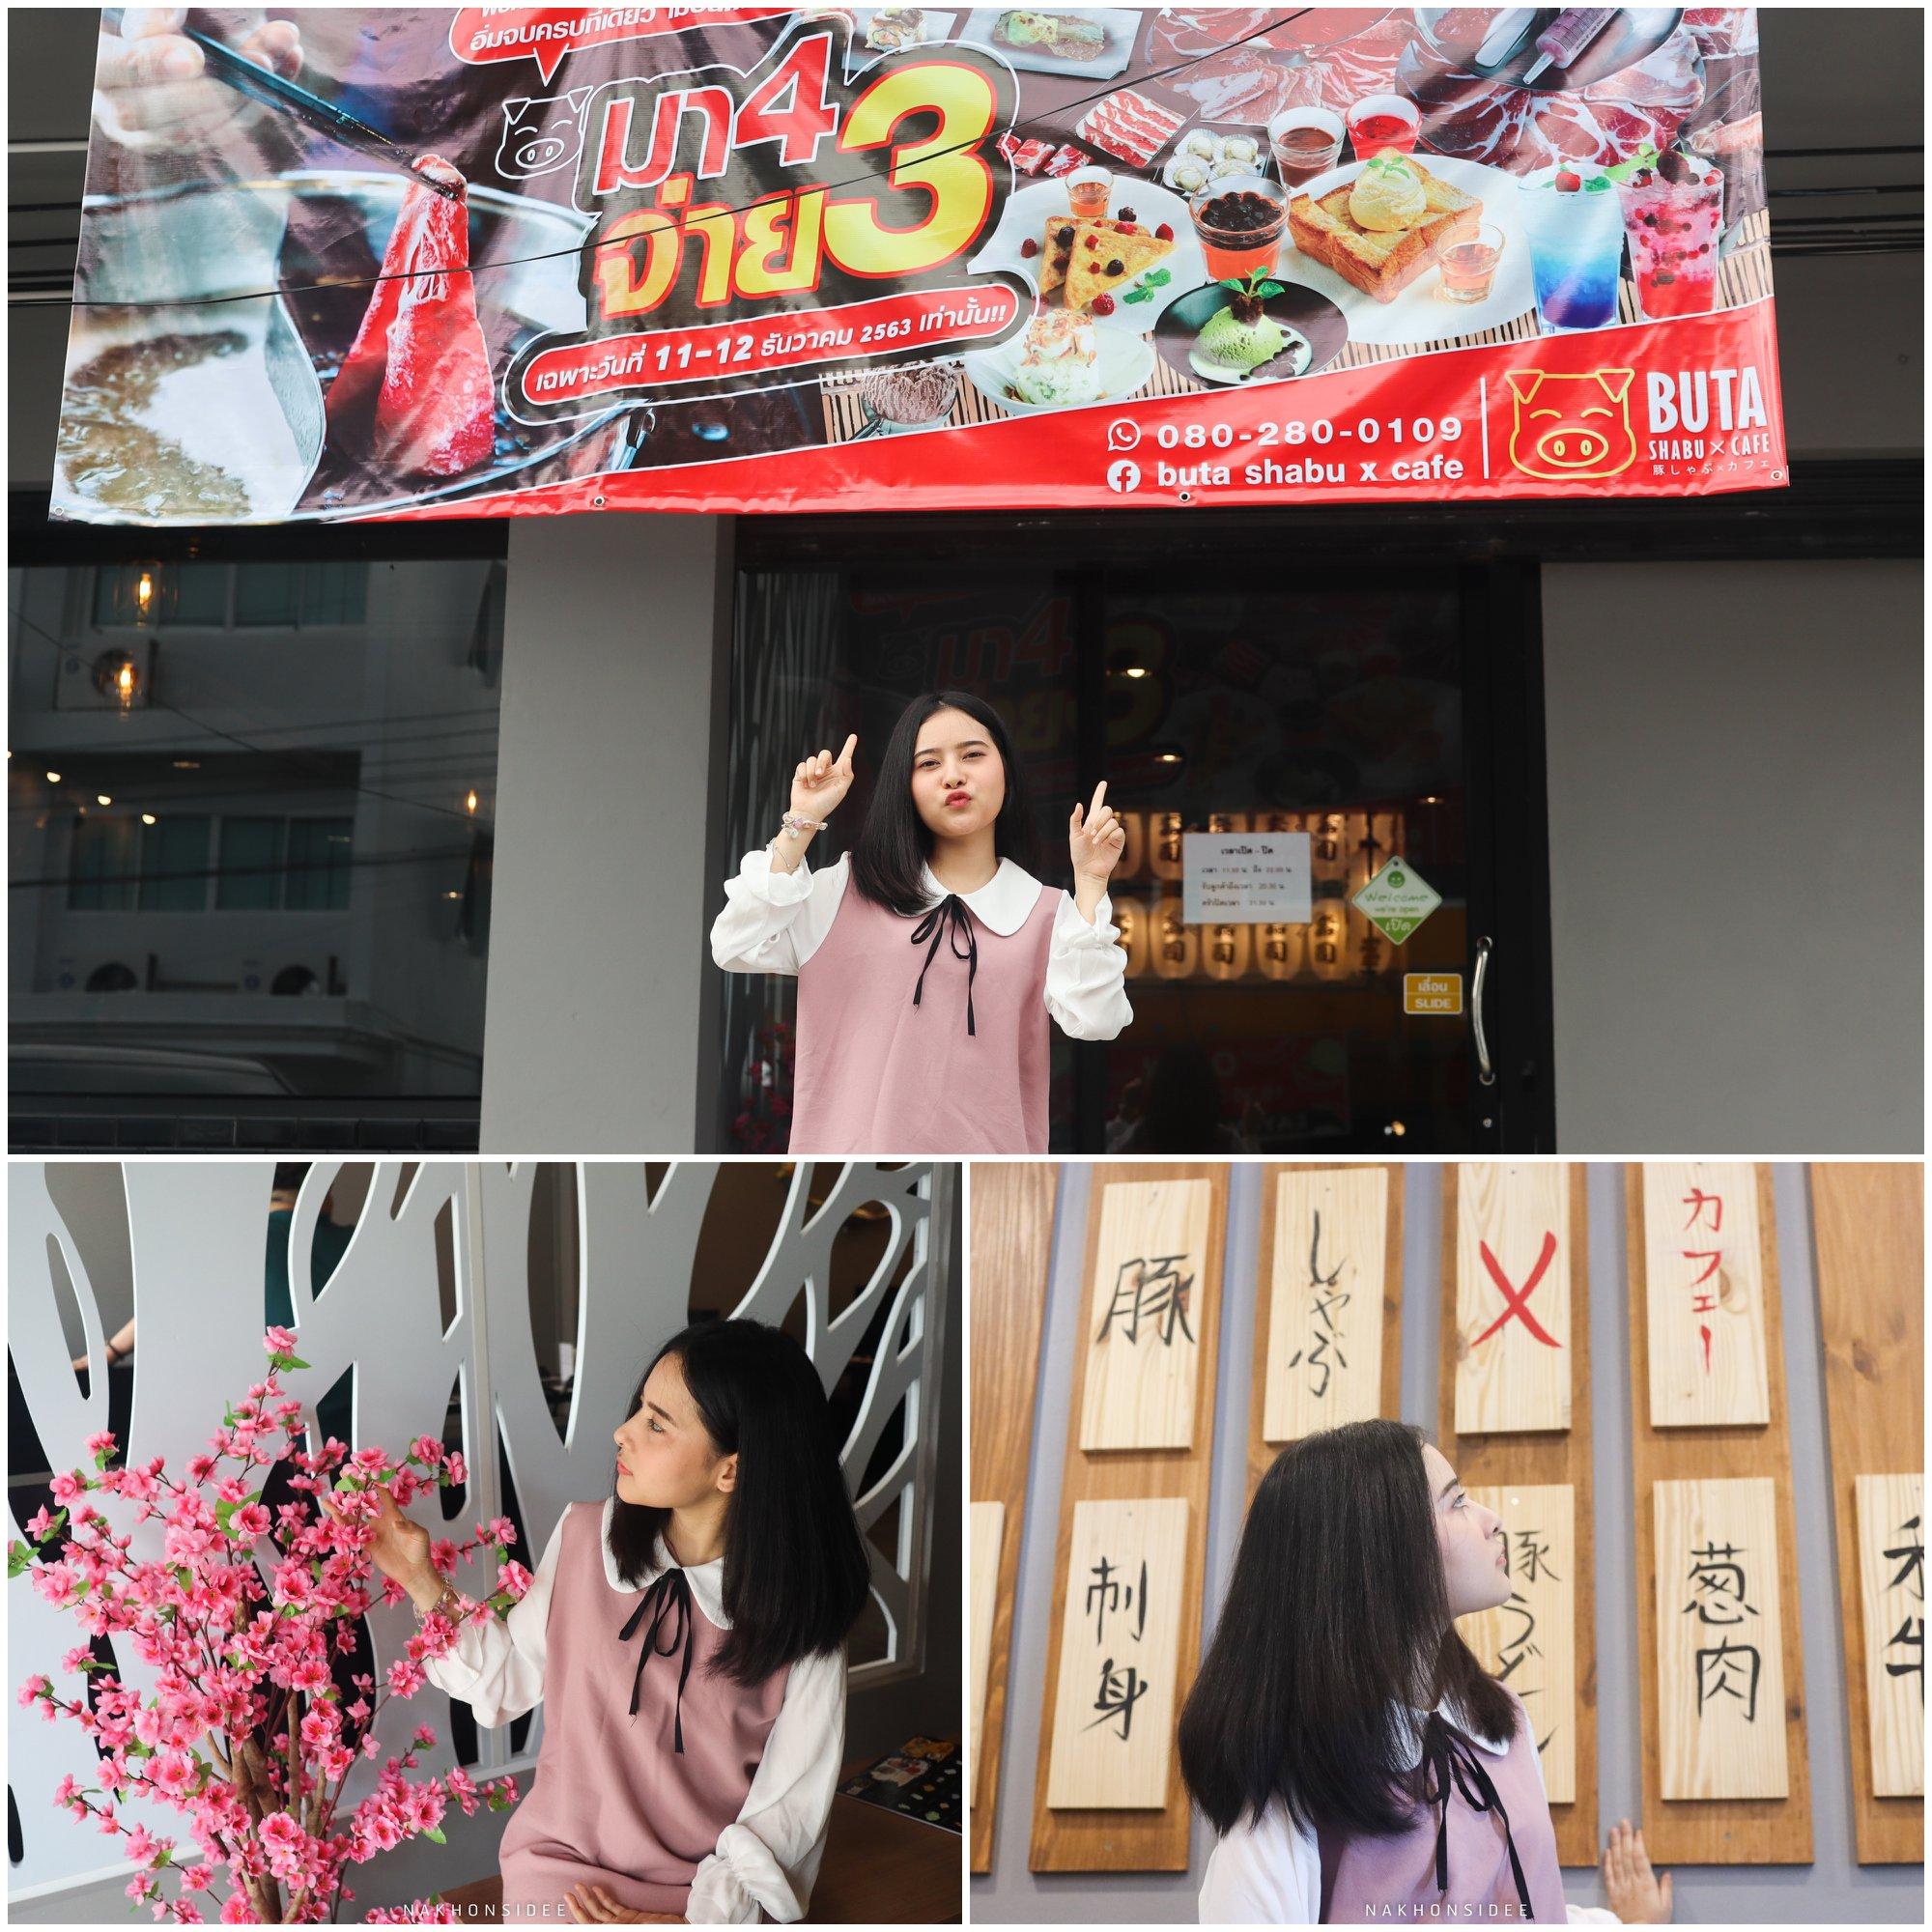 ร้านใหม่เอี่ยมน่ารักๆ  ชาบู,บุฟเฟ่ต์,นครศรีธรรมราช,อาหารญี่ปุ่น,ของหวาน